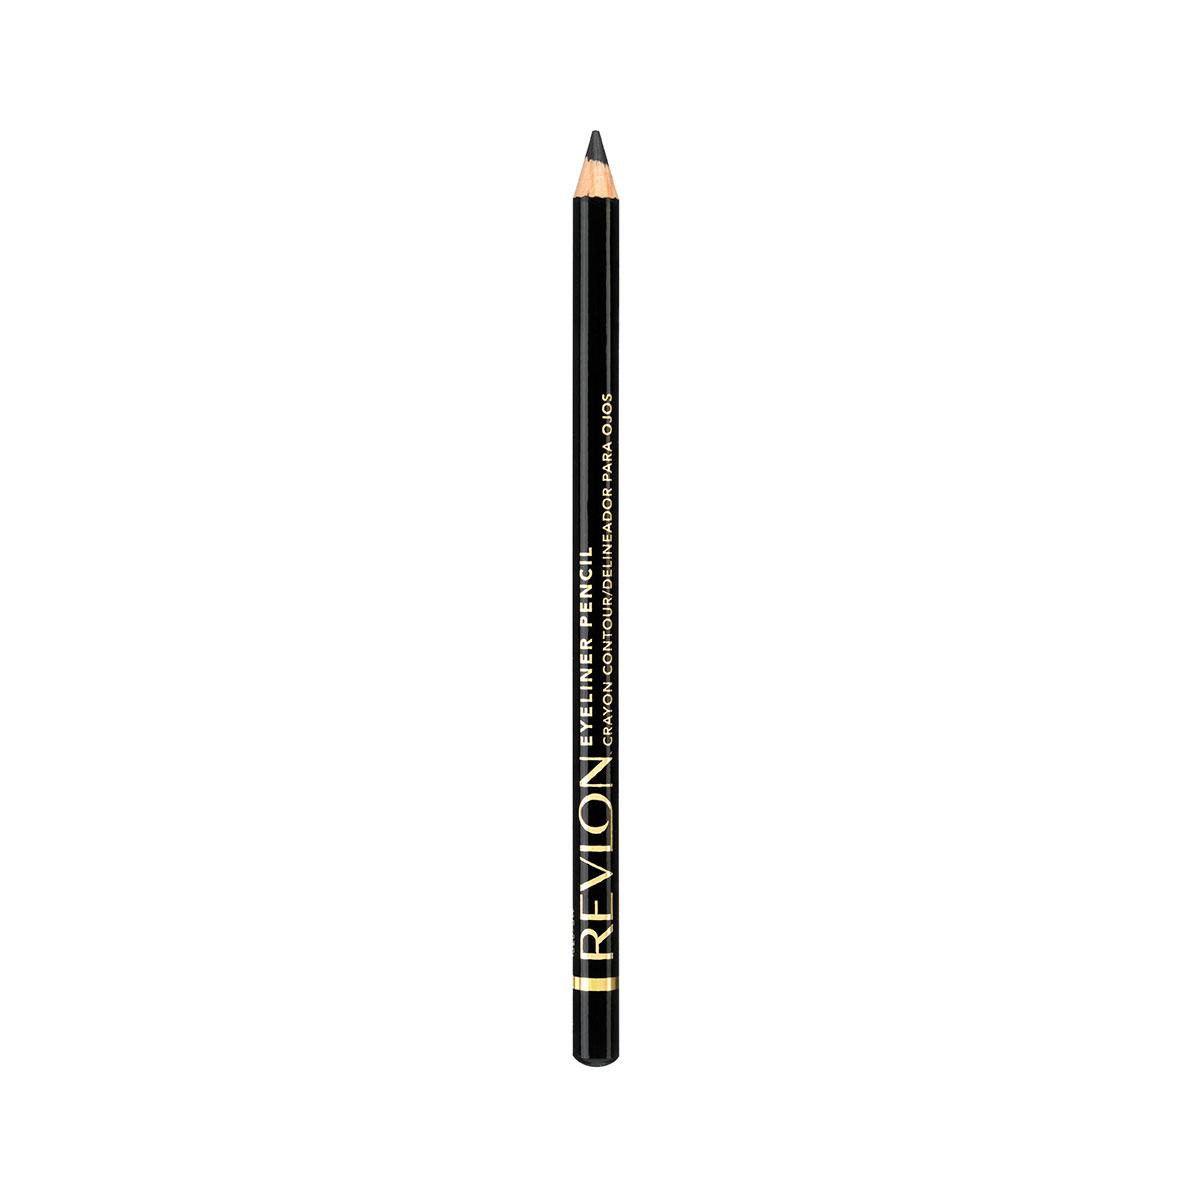 Revlon Карандаш для Глаз Eyeliner Black 01 1 г7210295001Классичесикй контурный карандаш с насыщенным цветом и интенсивной аппликацией. Скользит с лёгкостью карандаша и даёт цвет по интенсивности равный жидкому контуру. Прекрасно сохраняется на веках в течение дня.